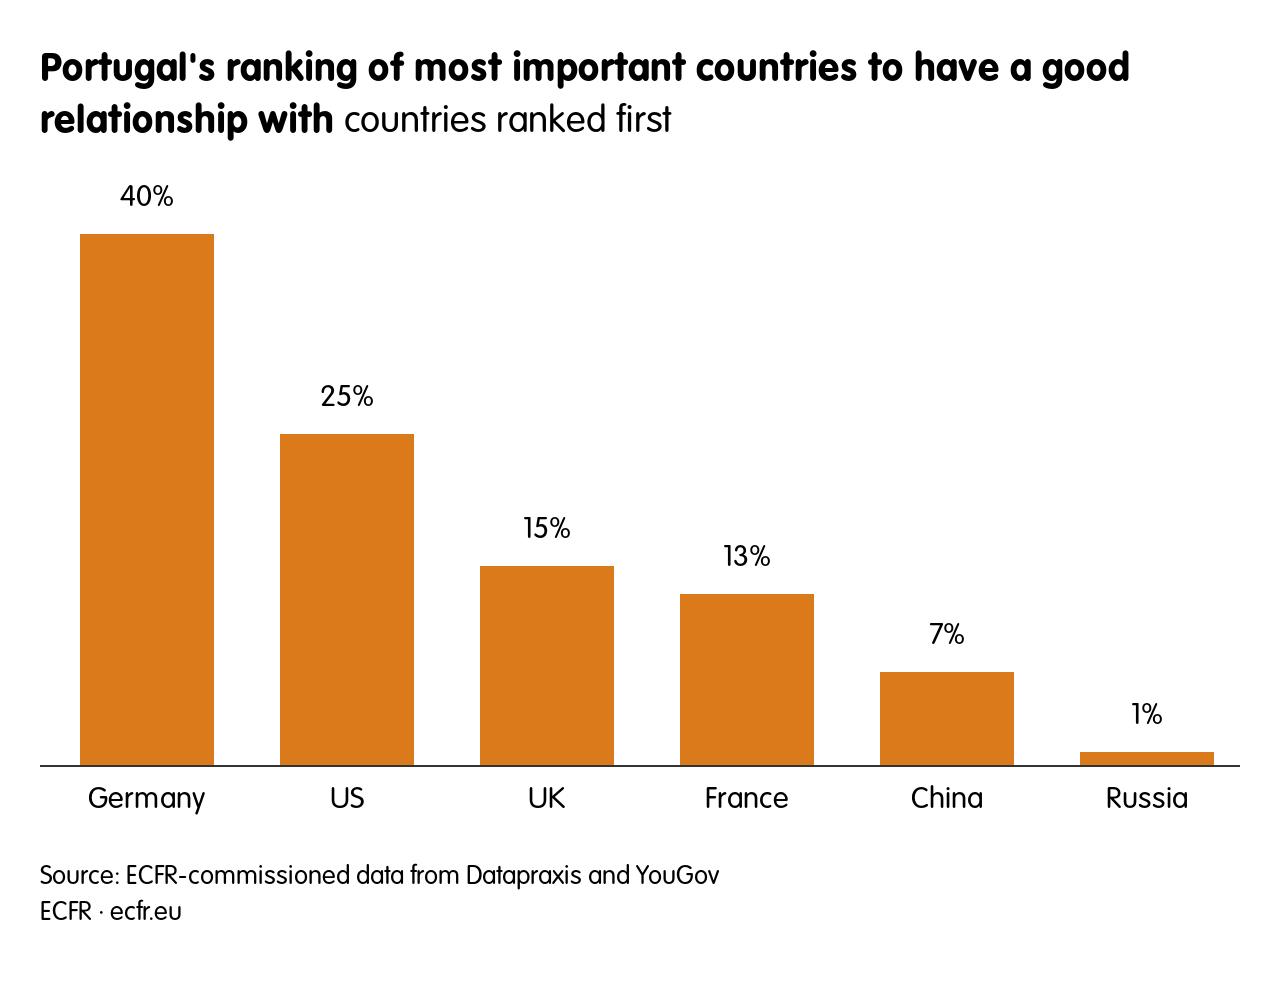 Ranking de Portugal dos países mais importantes com bom relacionamento